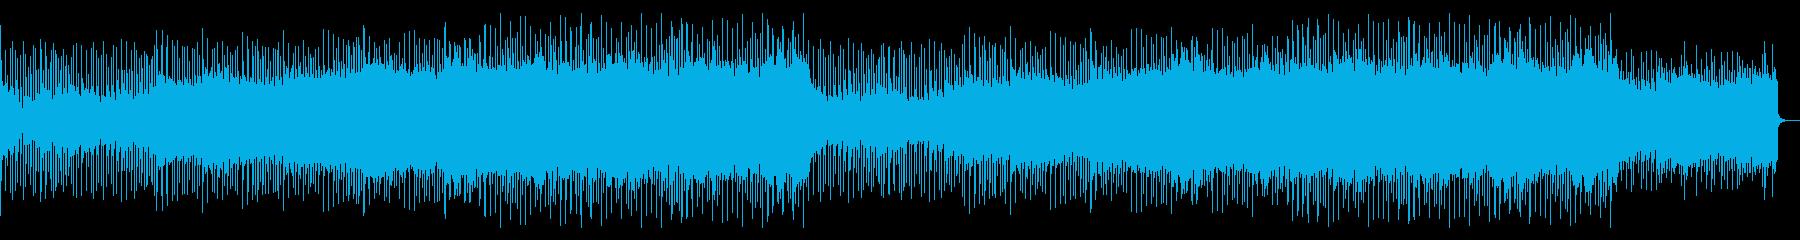 鉄琴無しver 広がり 豪華 キラキラの再生済みの波形